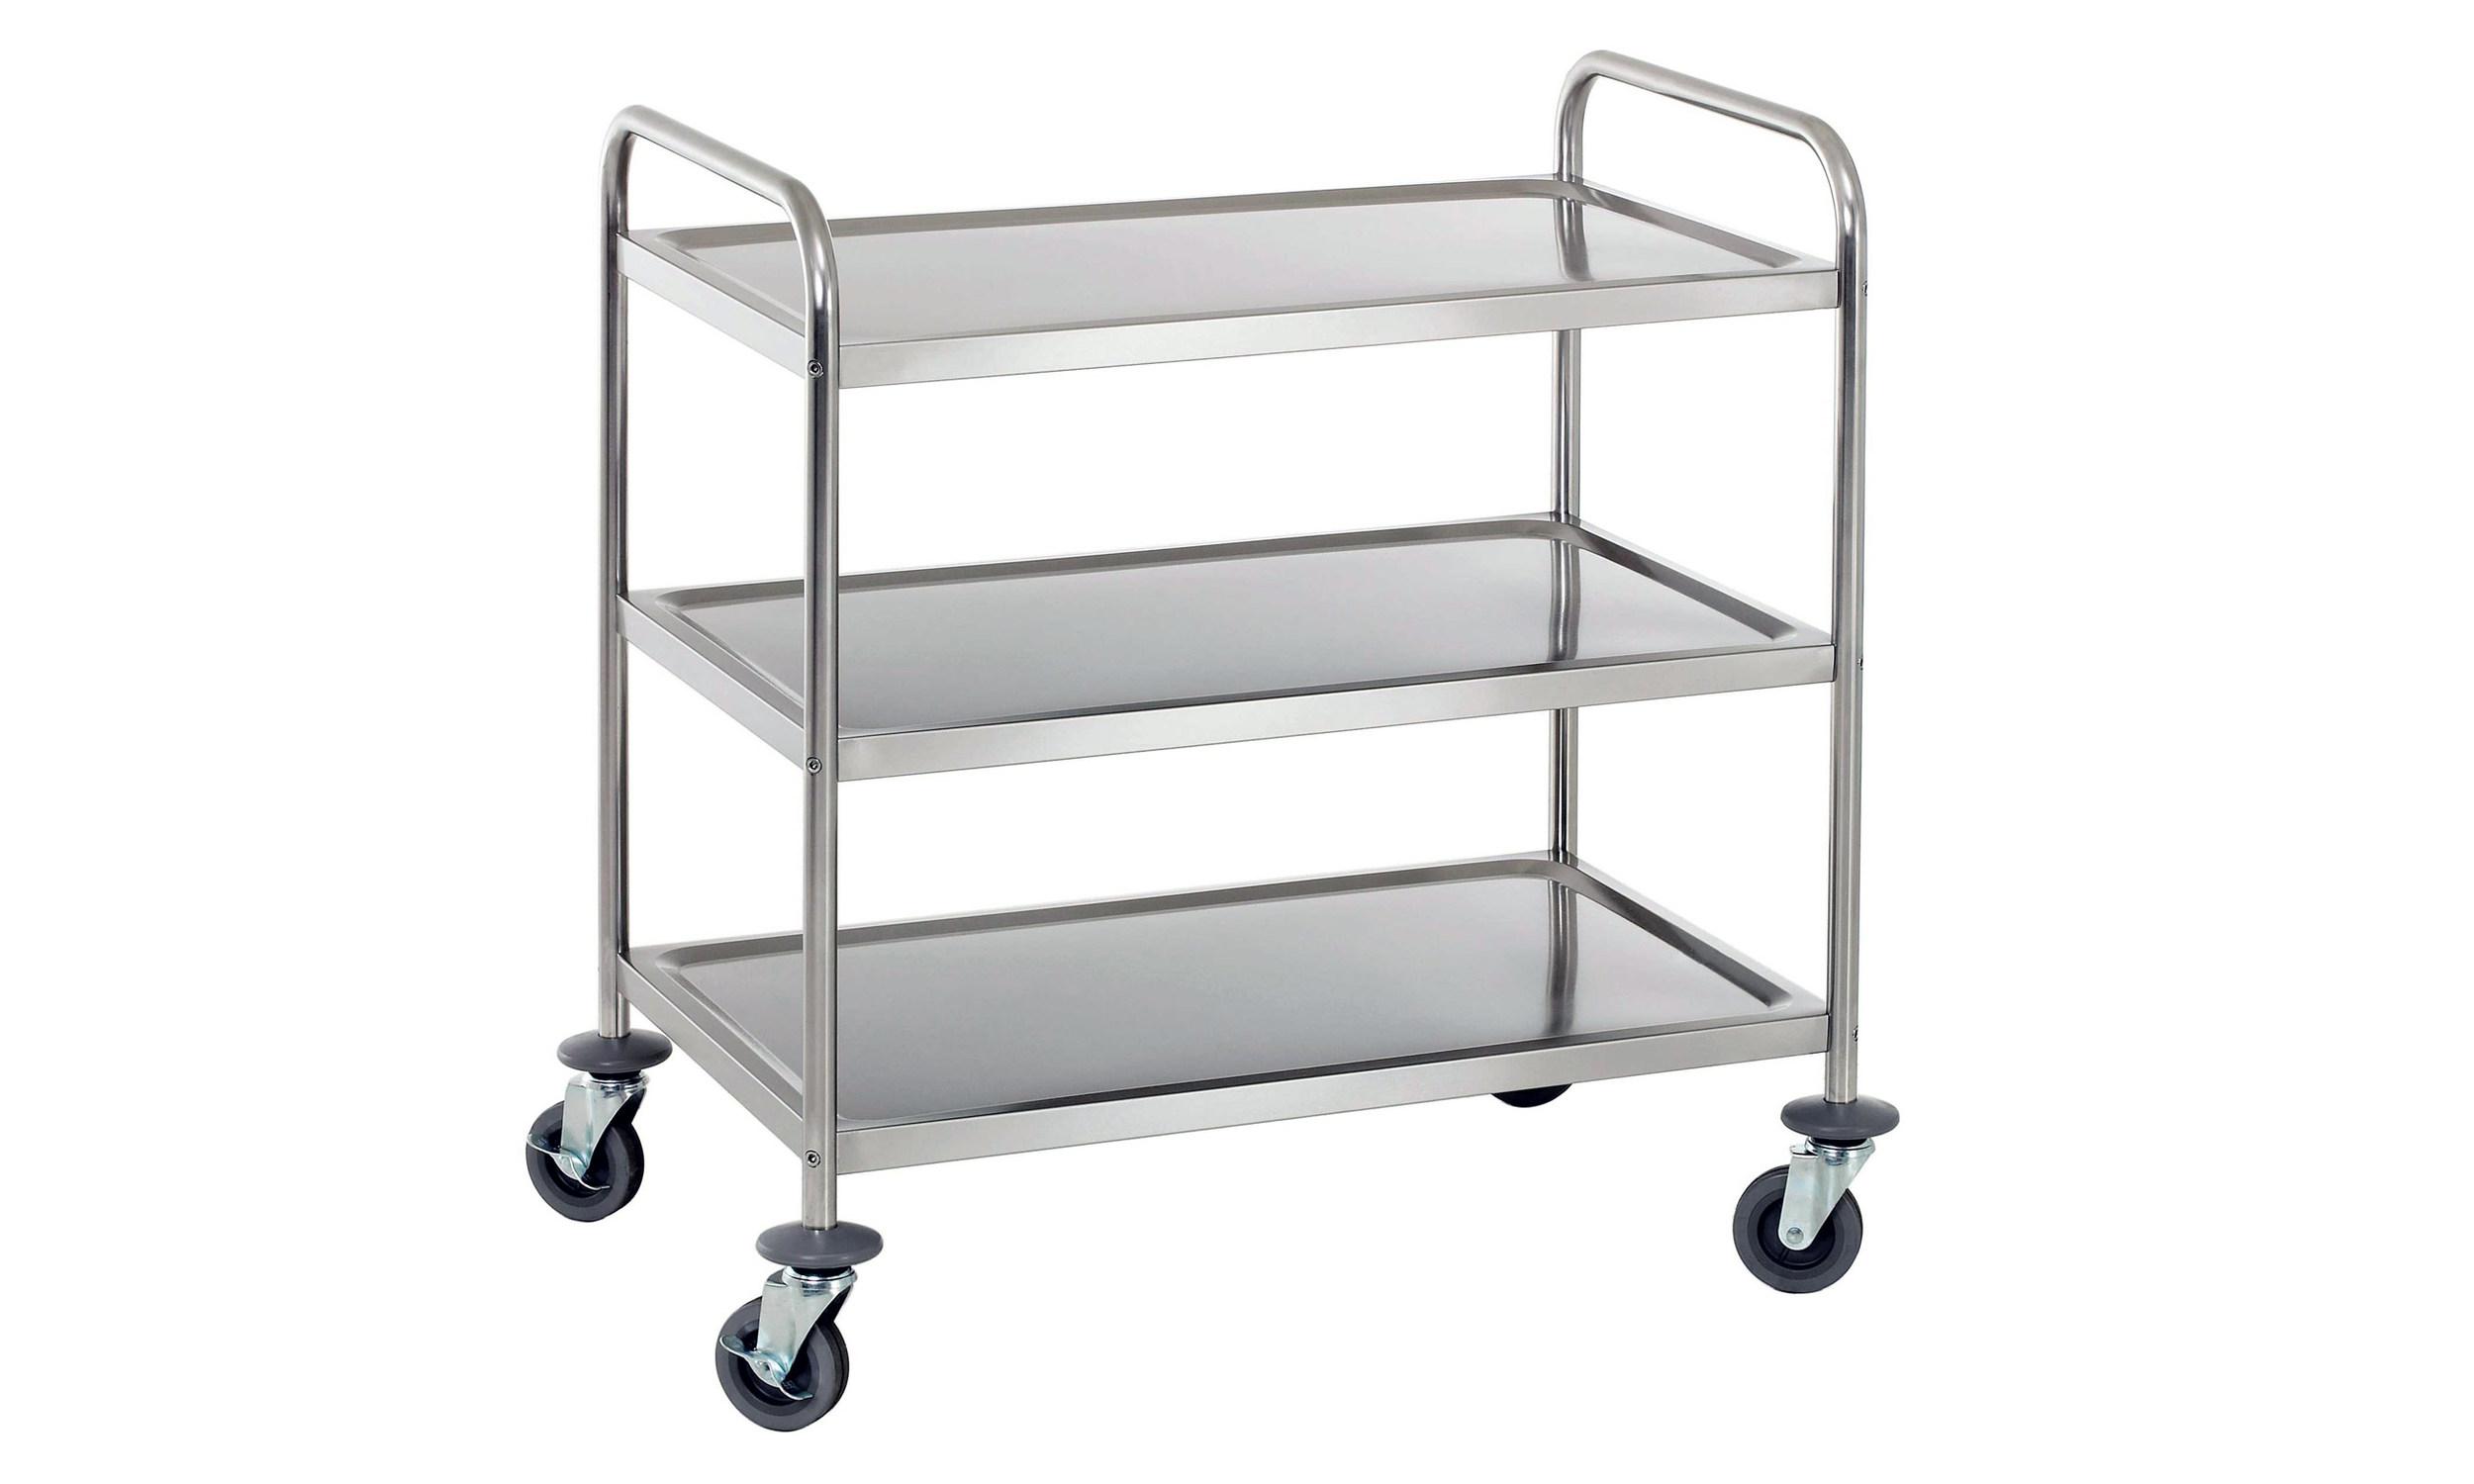 bureau-des-recommandations-serving-trolley-bartscher-stainless-steel-3-shelves-ts-300.jpg